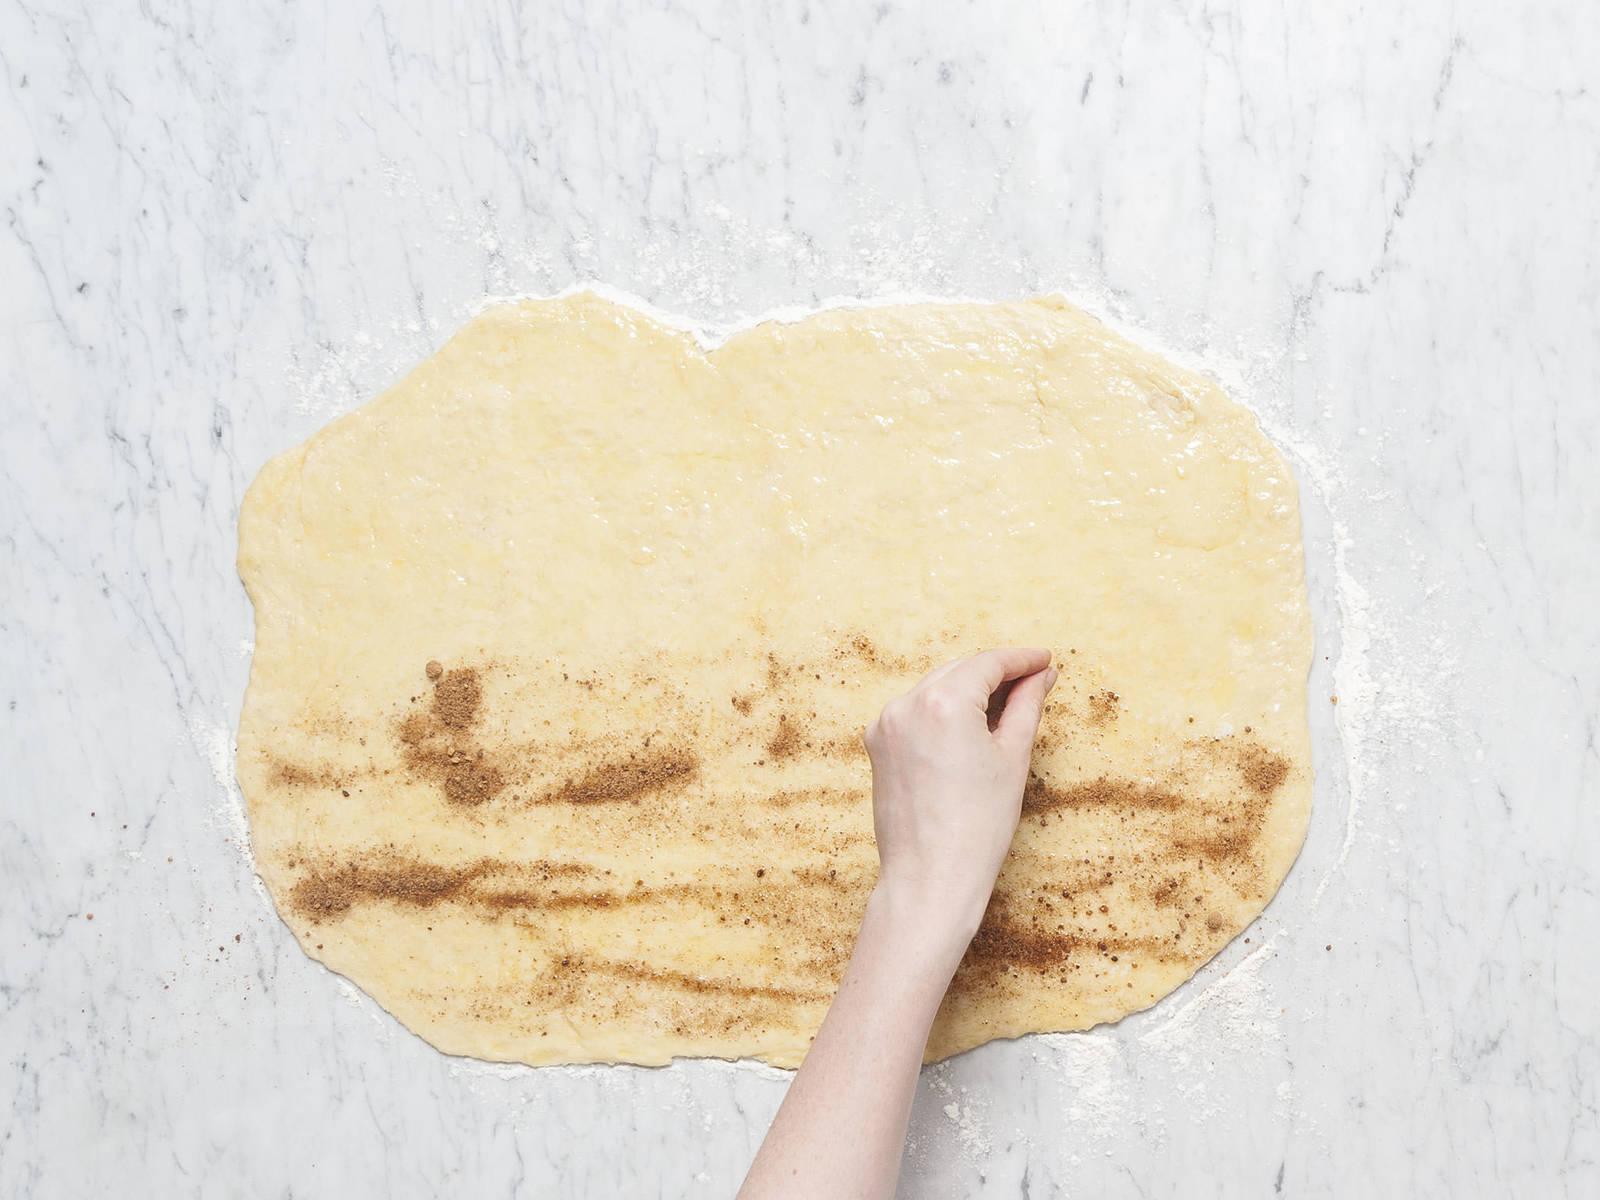 用黄油润滑烤盘。将蔗糖和肉桂放入小碗中,搅拌混合。往工作台上撒些面粉,将面团擀成约7毫米厚的长方形。在小平底锅中融化剩余的黄油,然后均匀涂抹到面团上。撒上肉桂糖。